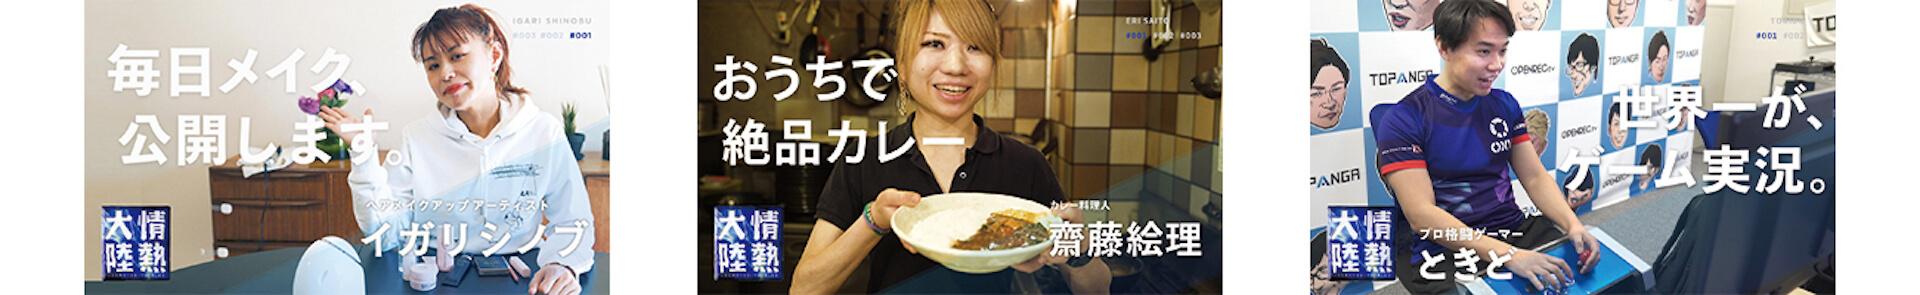 『情熱大陸』公式YouTubeチャンネル「情熱大陸 LITE」がスタート!オリジナル番組やSTAY HOME特別企画も video200511_jounetsutairiku_lite_03